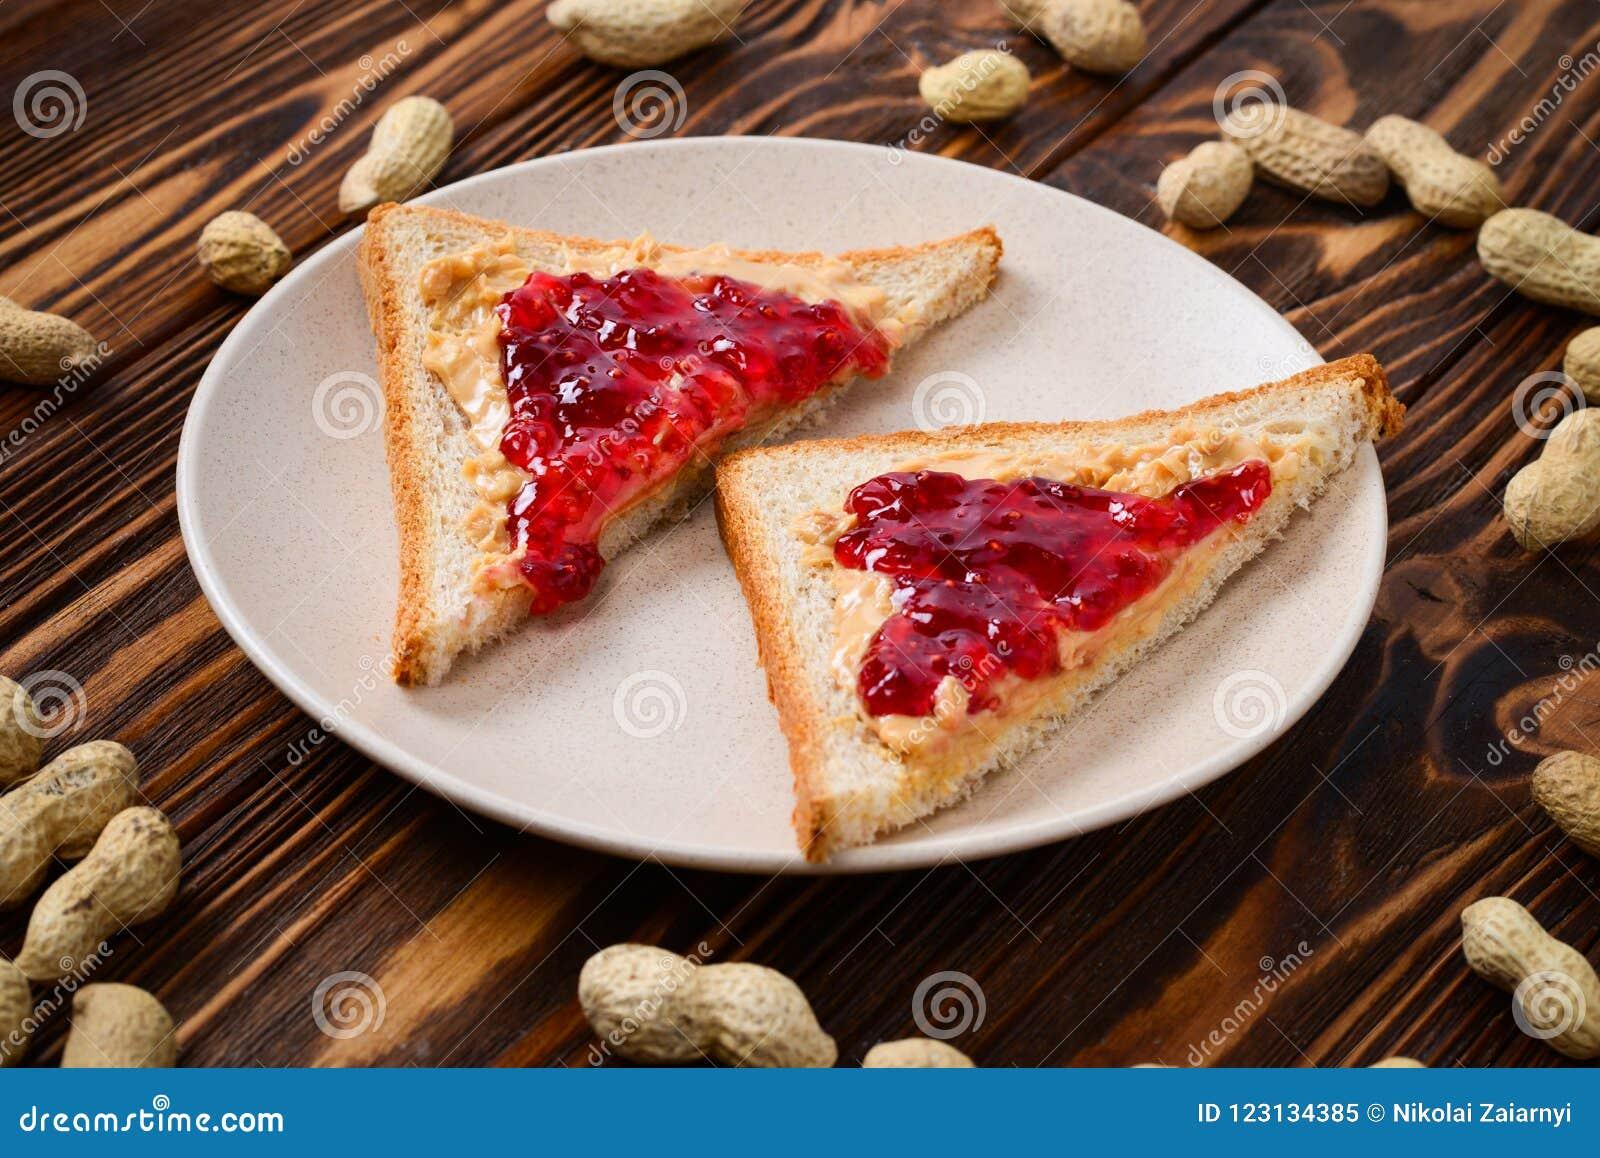 Manteiga de amendoim e sanduíche da geleia no fundo de madeira